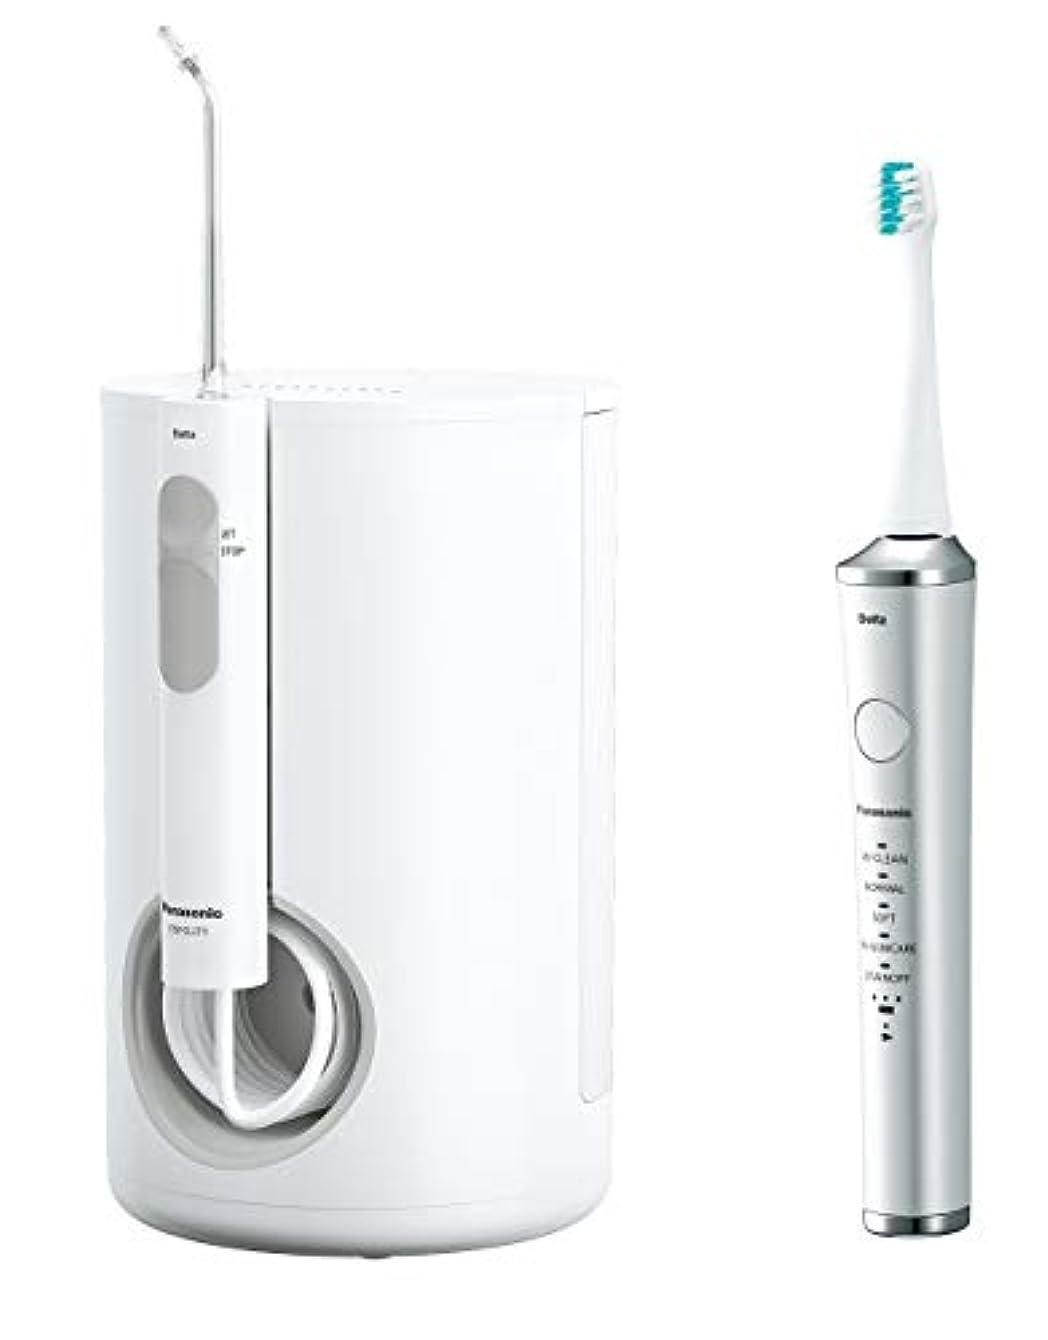 州長老ドナーパナソニック 口腔洗浄器 ジェットウォッシャー ドルツ 白 EW-DJ71-W + 電動歯ブラシ ドルツ セット